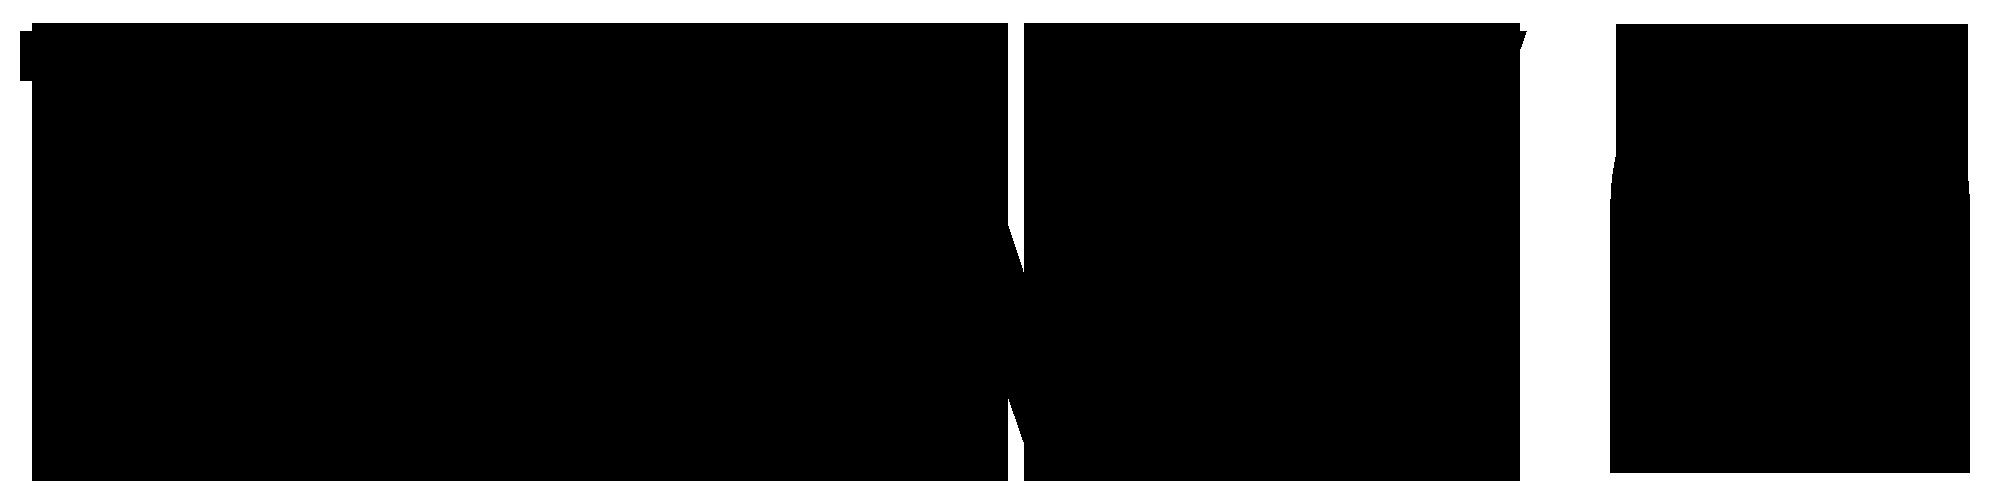 TOWN Large-Logo-Black.png